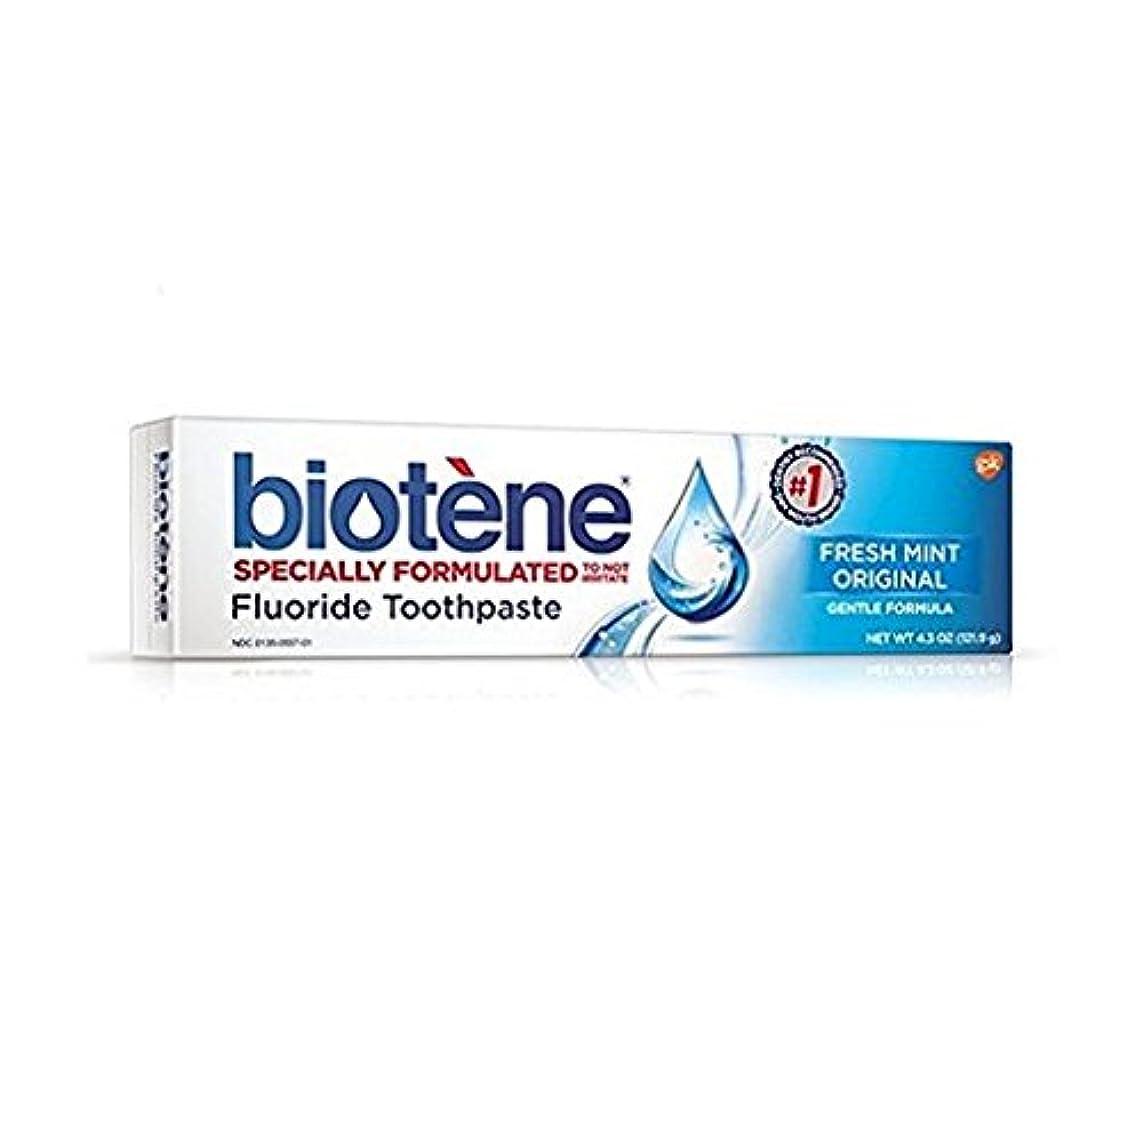 第四構成員いたずらBiotene Dry Mouth Fluoride Toothpaste Fresh Mint Original 4.3 Oz. (2 Pack) by Biotene